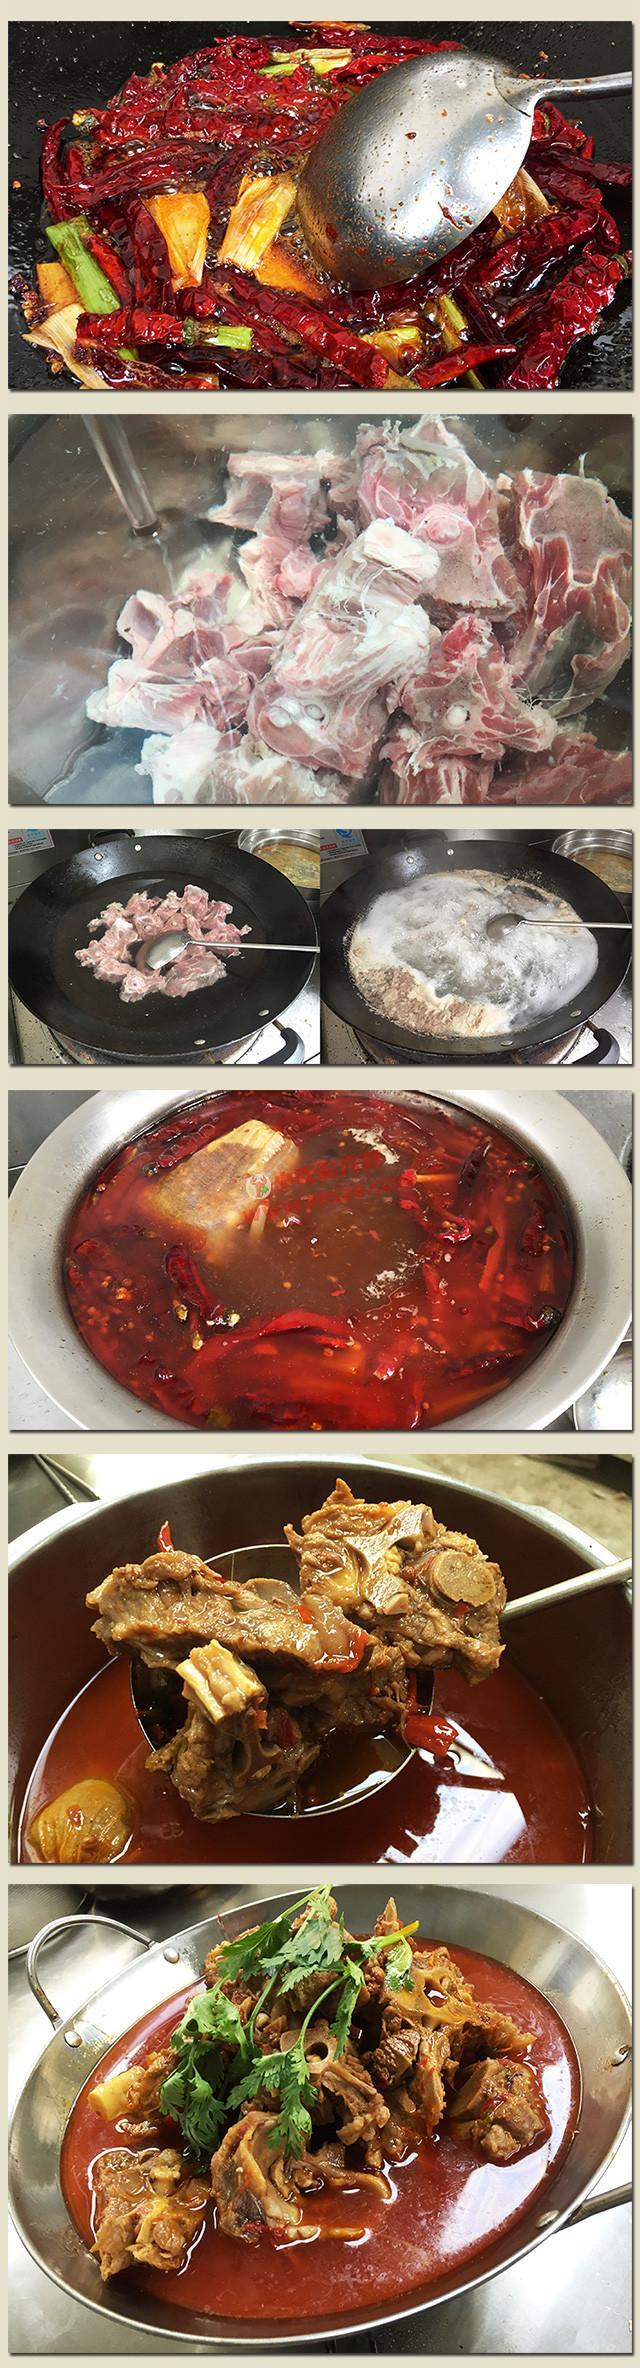 老北京羊蝎子火锅做法和底料炒制配方,正宗技术教程视频大全 羊蝎子 第3张